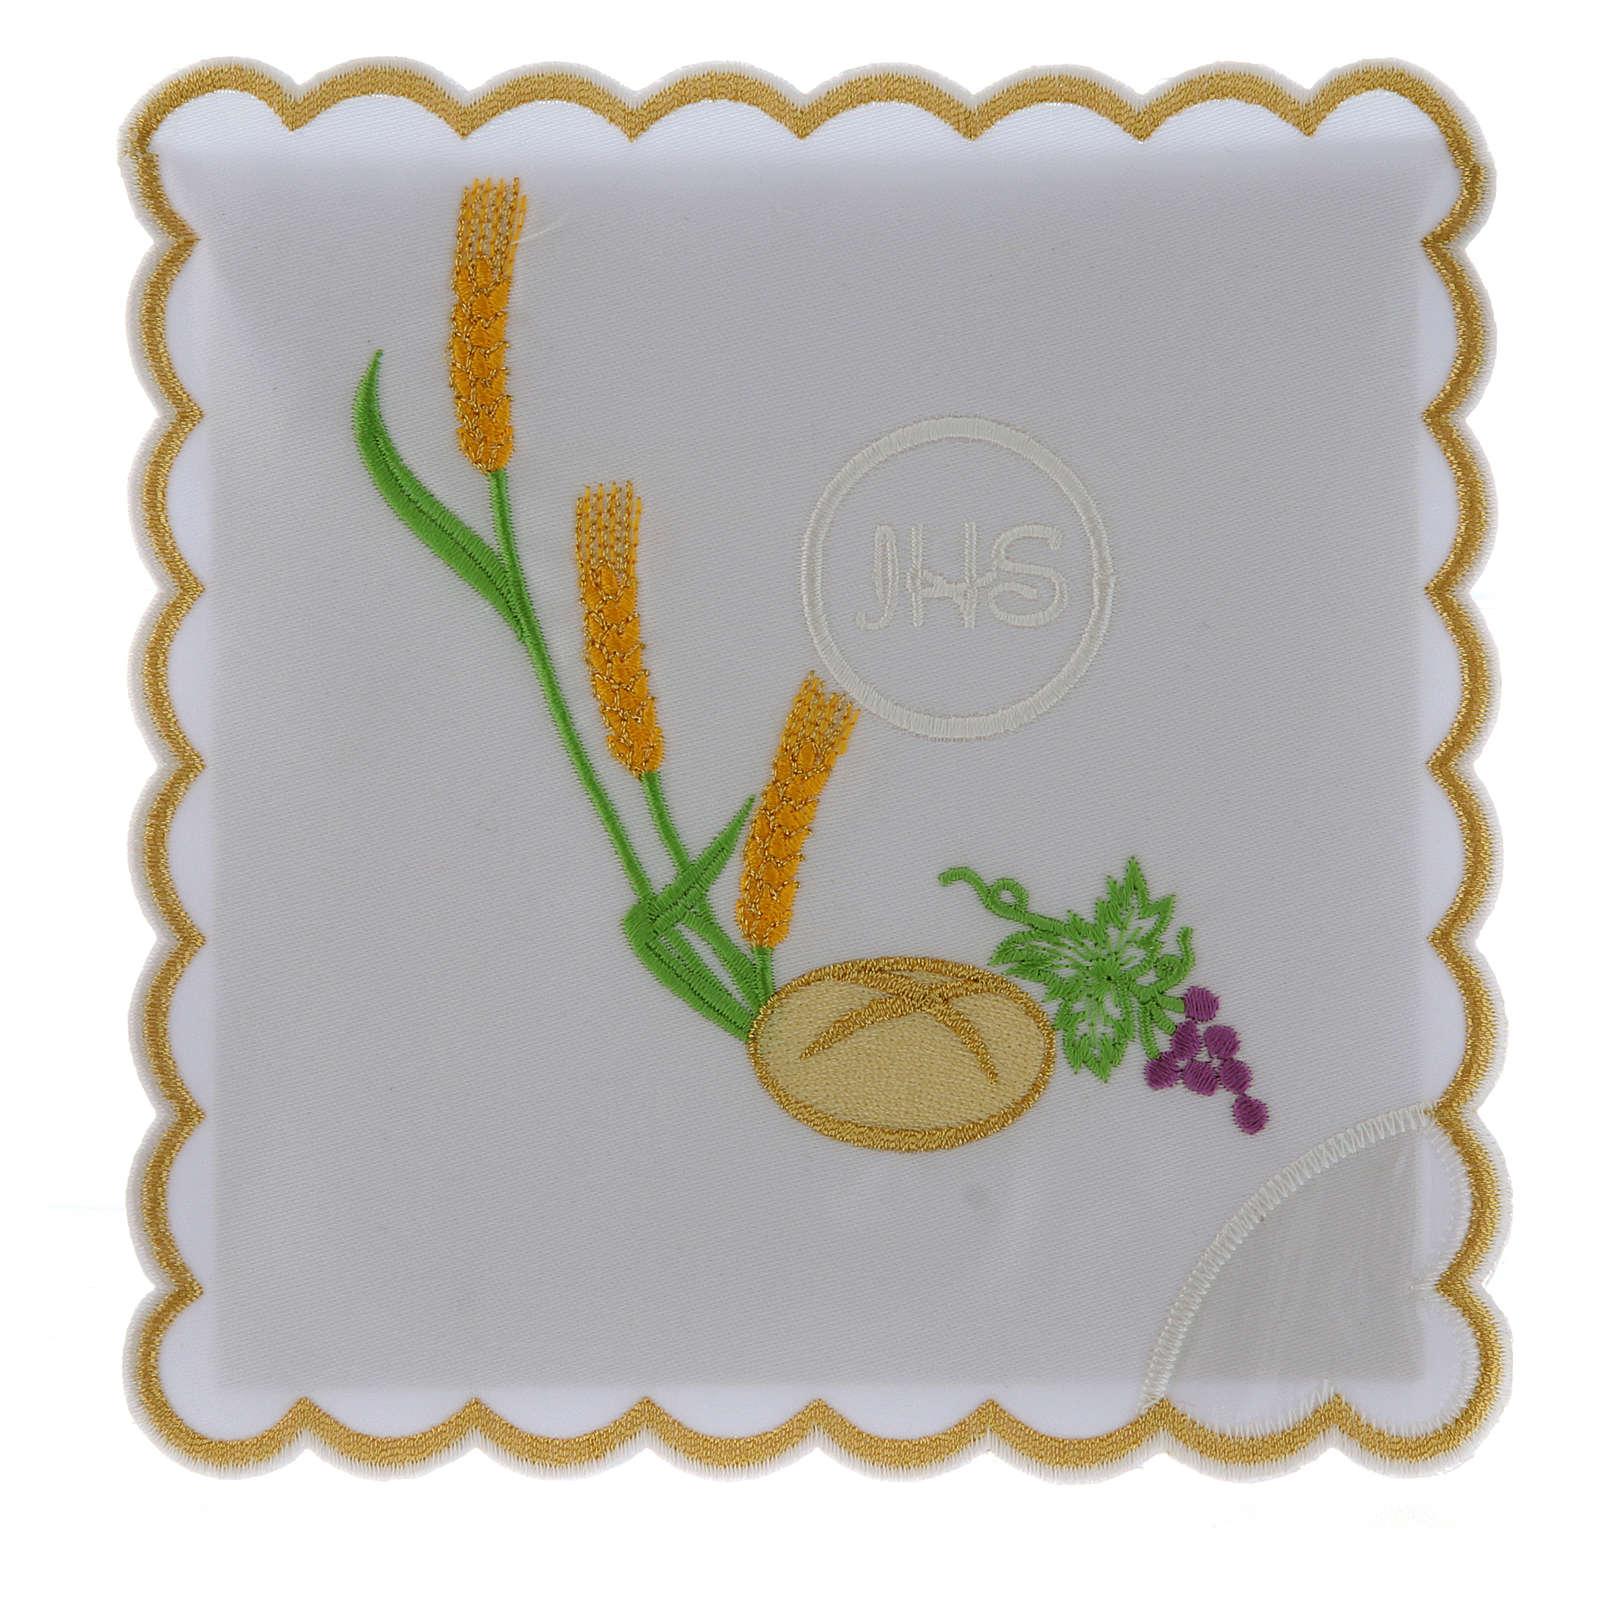 Servizio da altare cotone pane uva spighe simbolo JHS 4